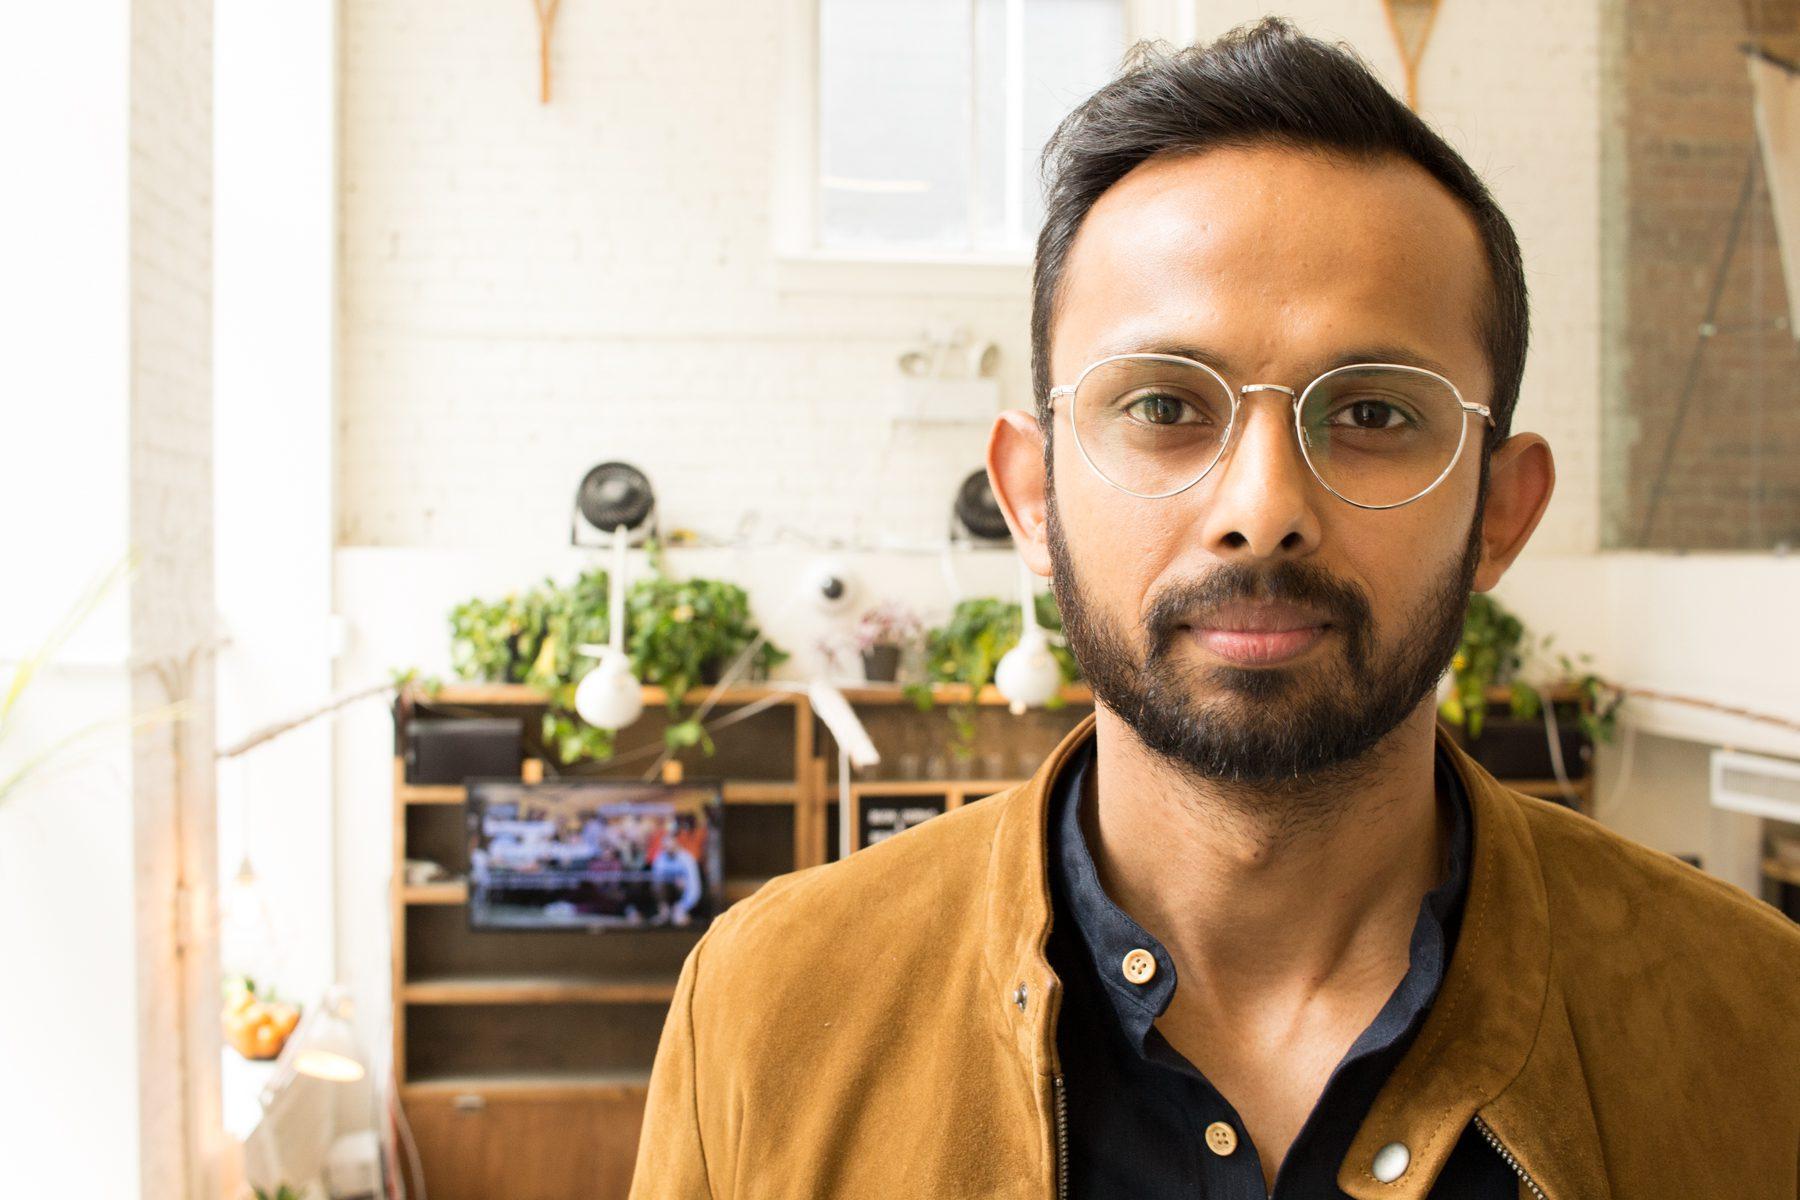 Ujwal Arkalgud, co-founder of Motivbase at StartWell